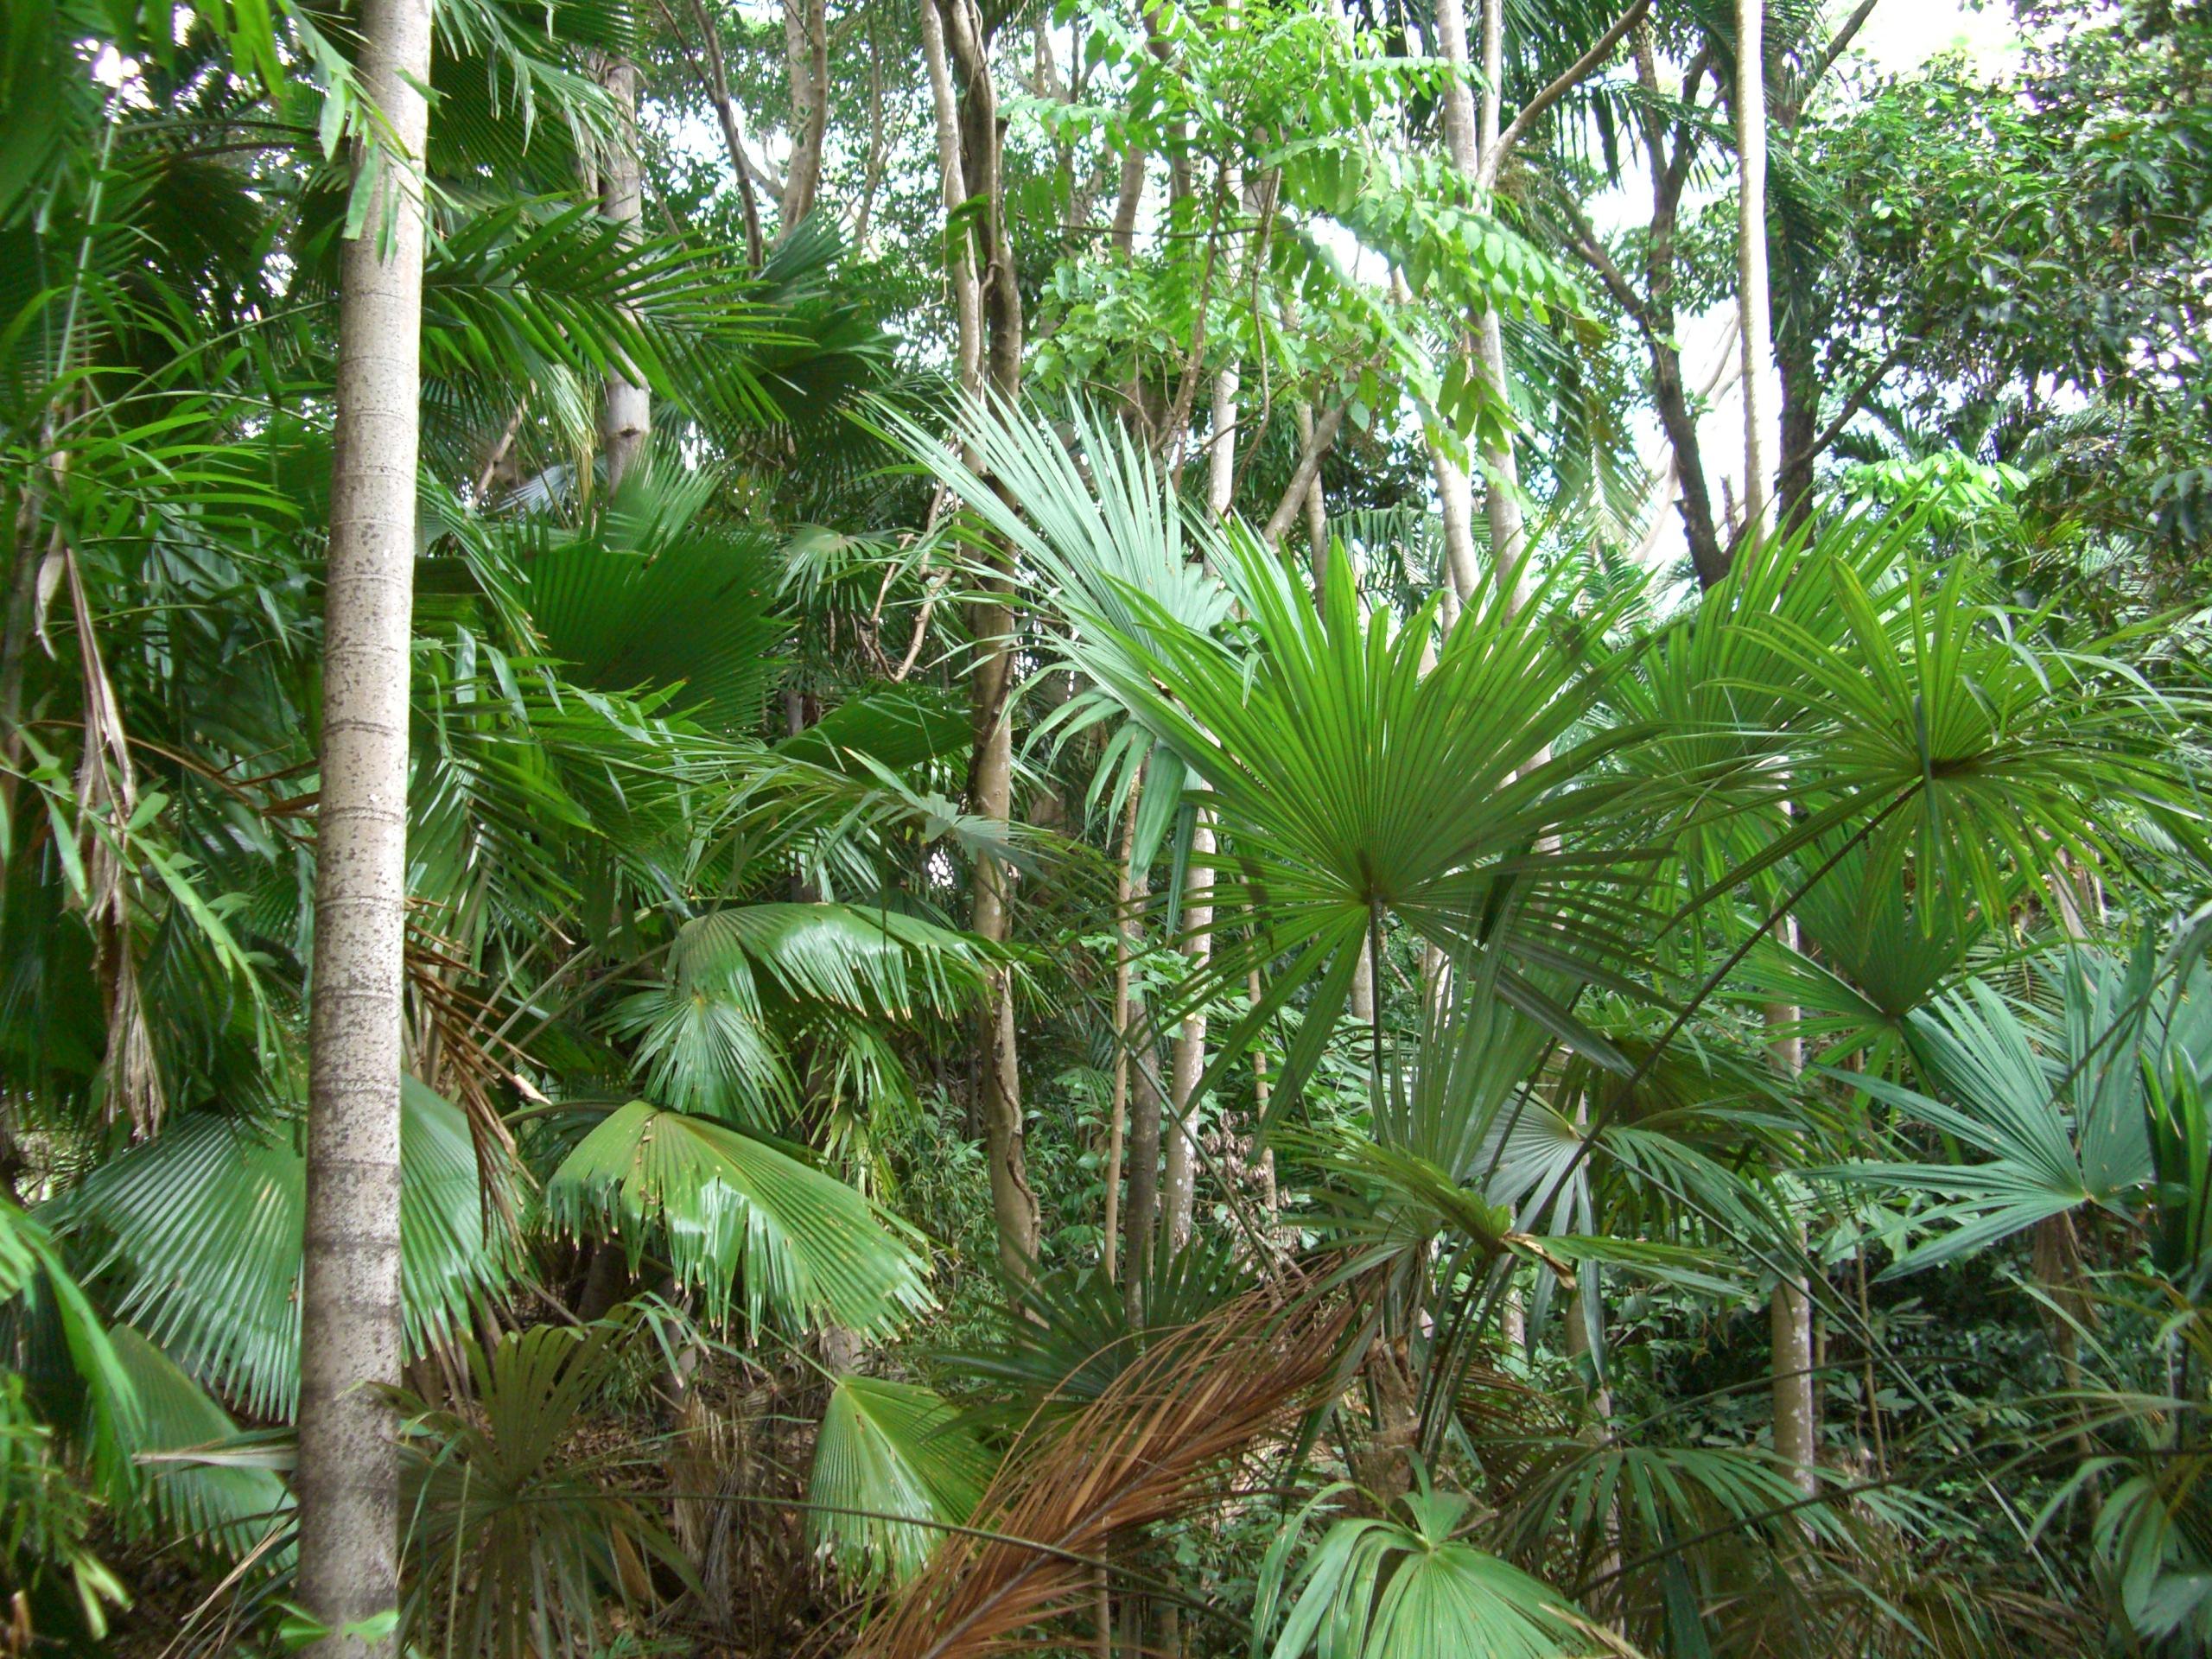 Australian rainforest plants tumblr for Australian rainforest